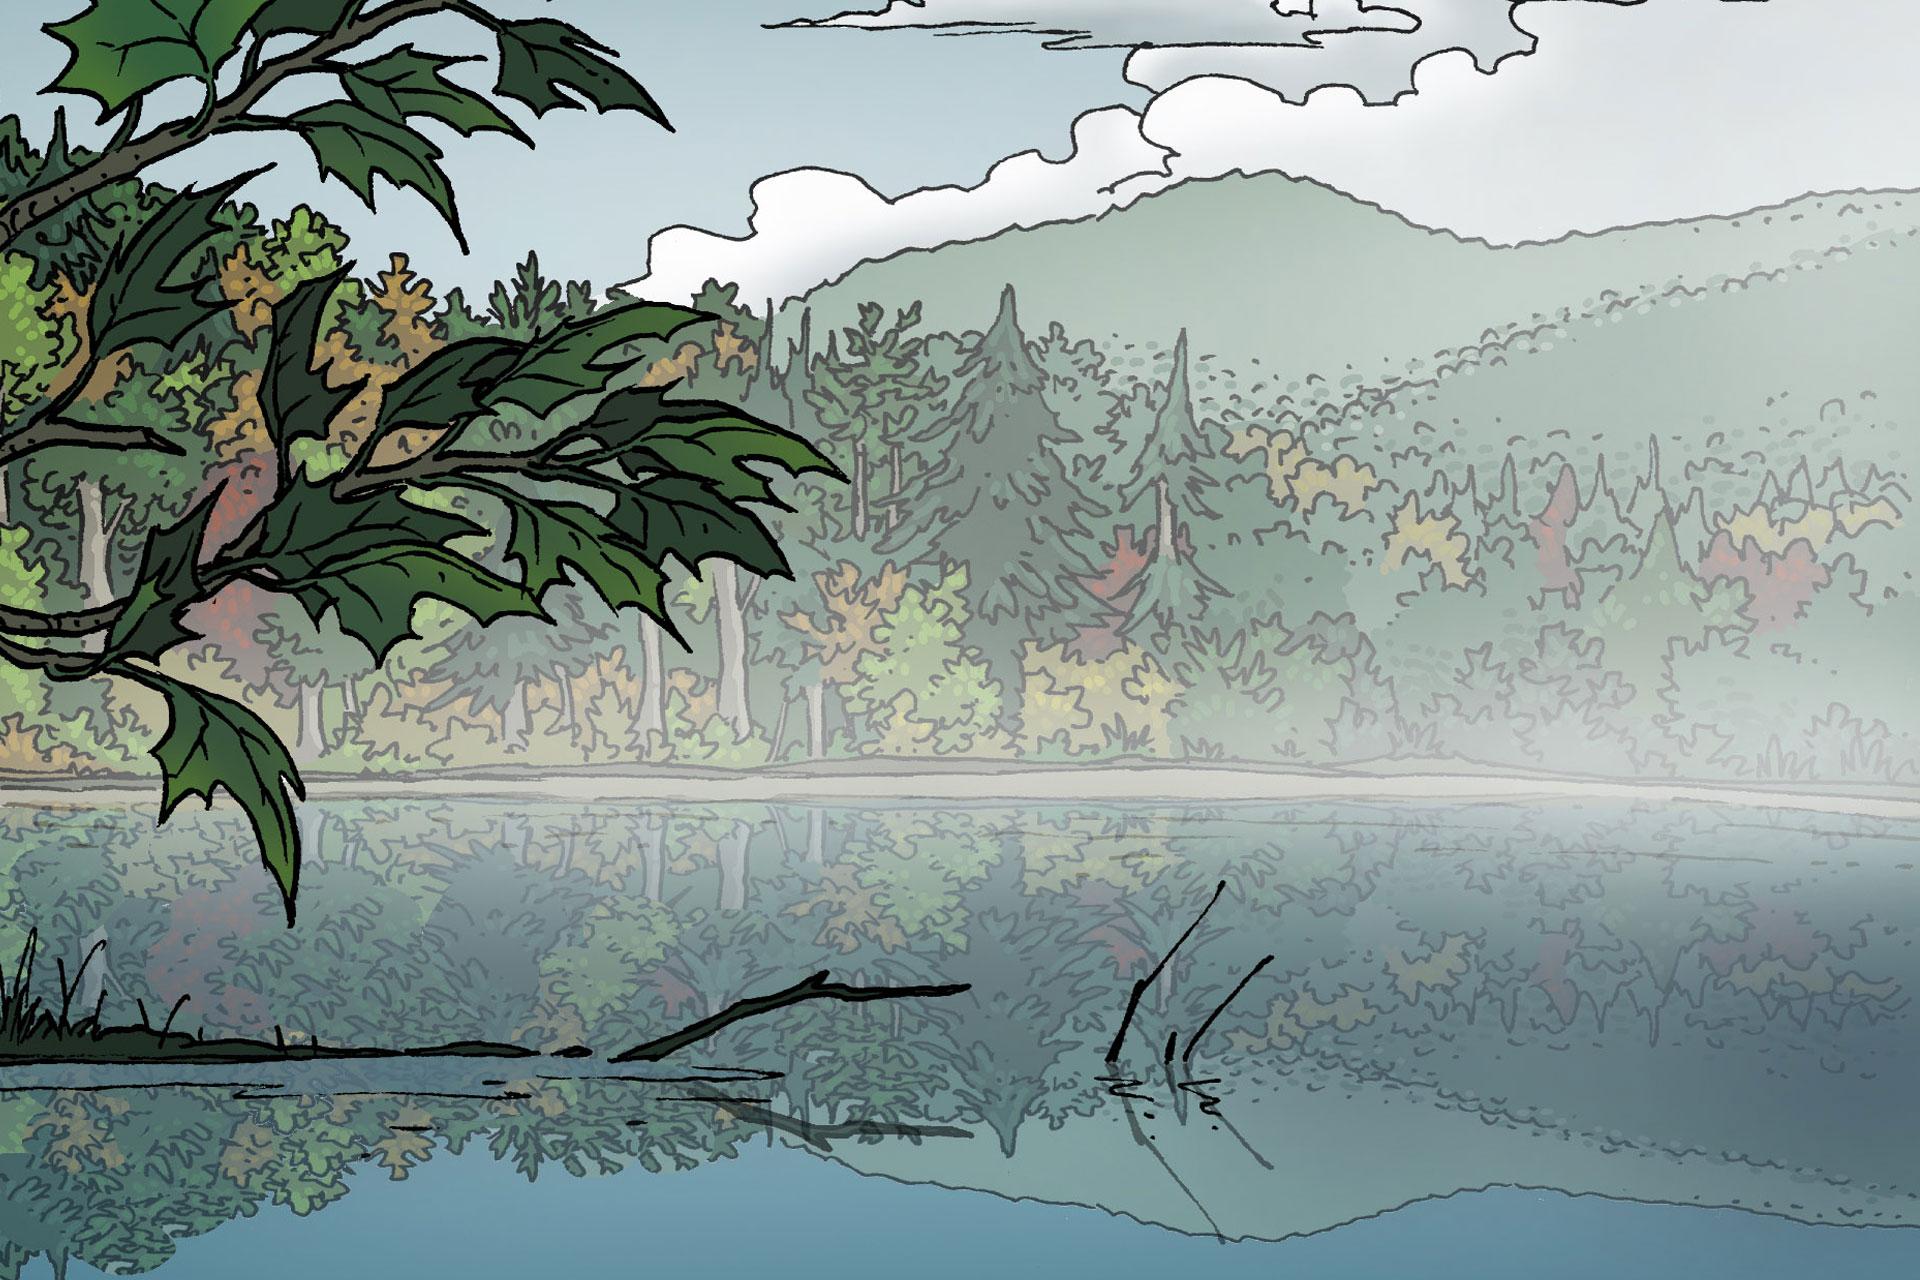 Dessin représentant le lac Hertel entouré de la forêt en début d'automne